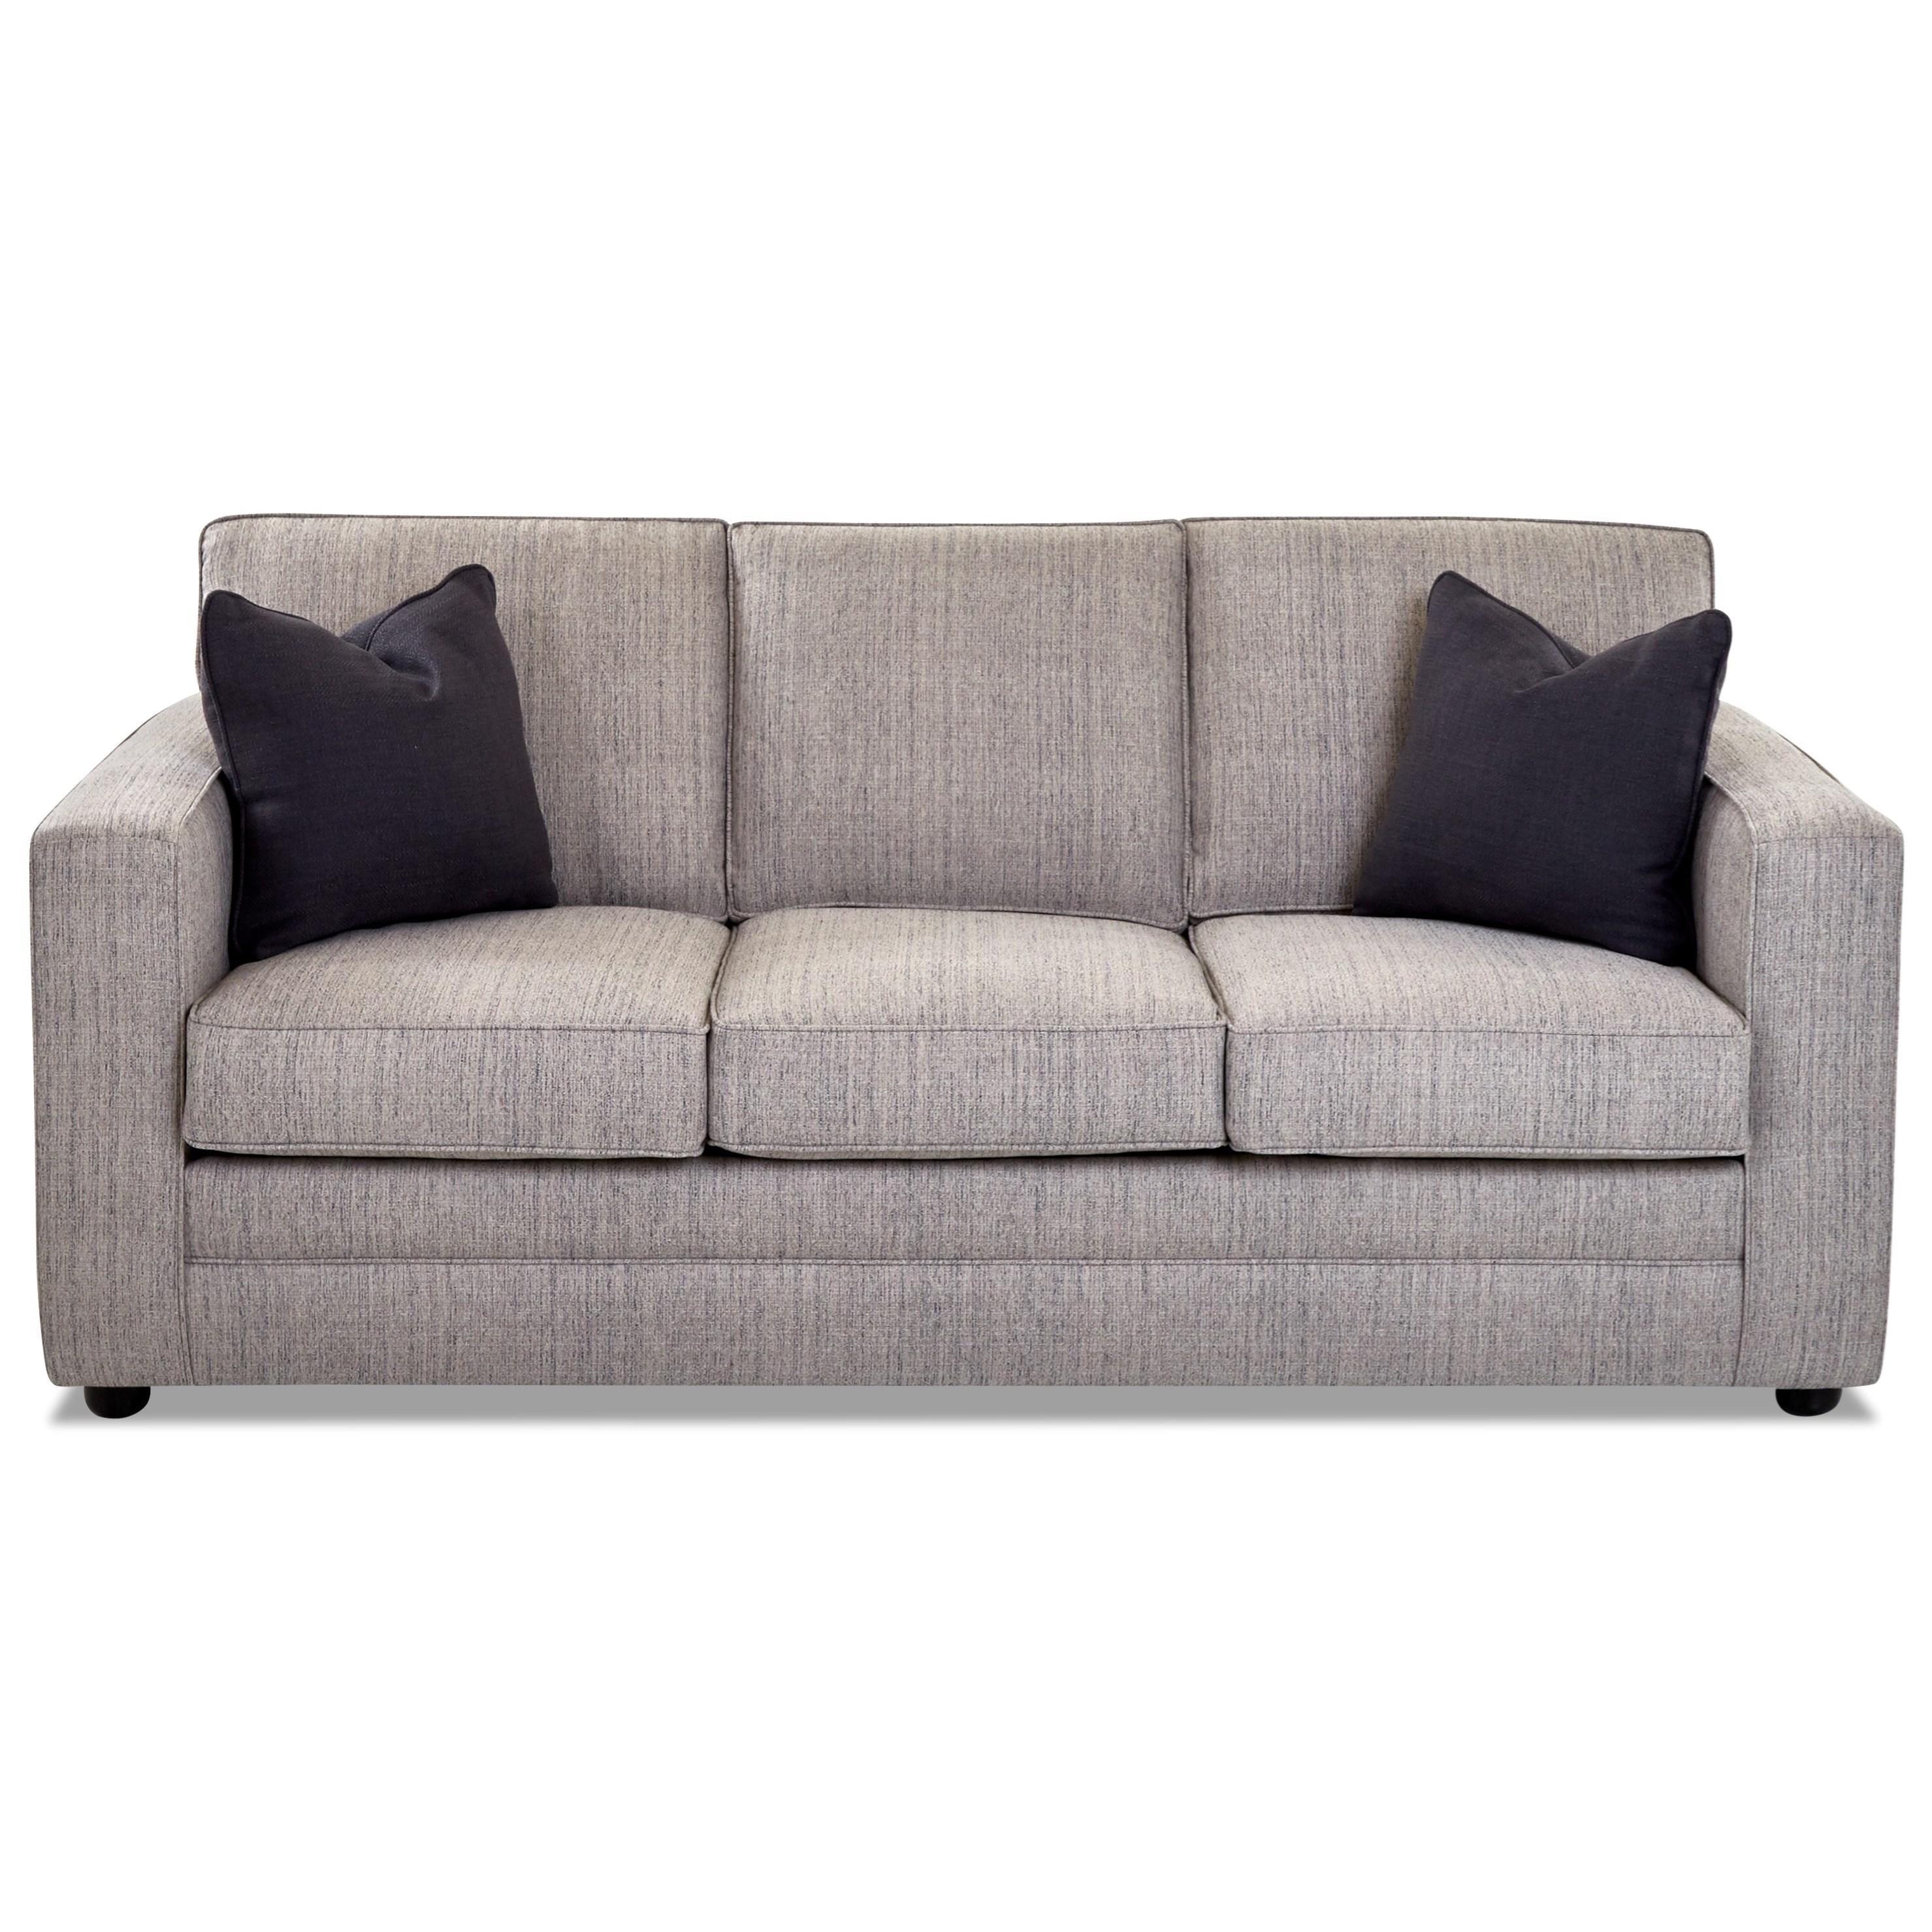 Berger Queen Sleeper w/ MemoryFoam Matt by Klaussner at Value City Furniture